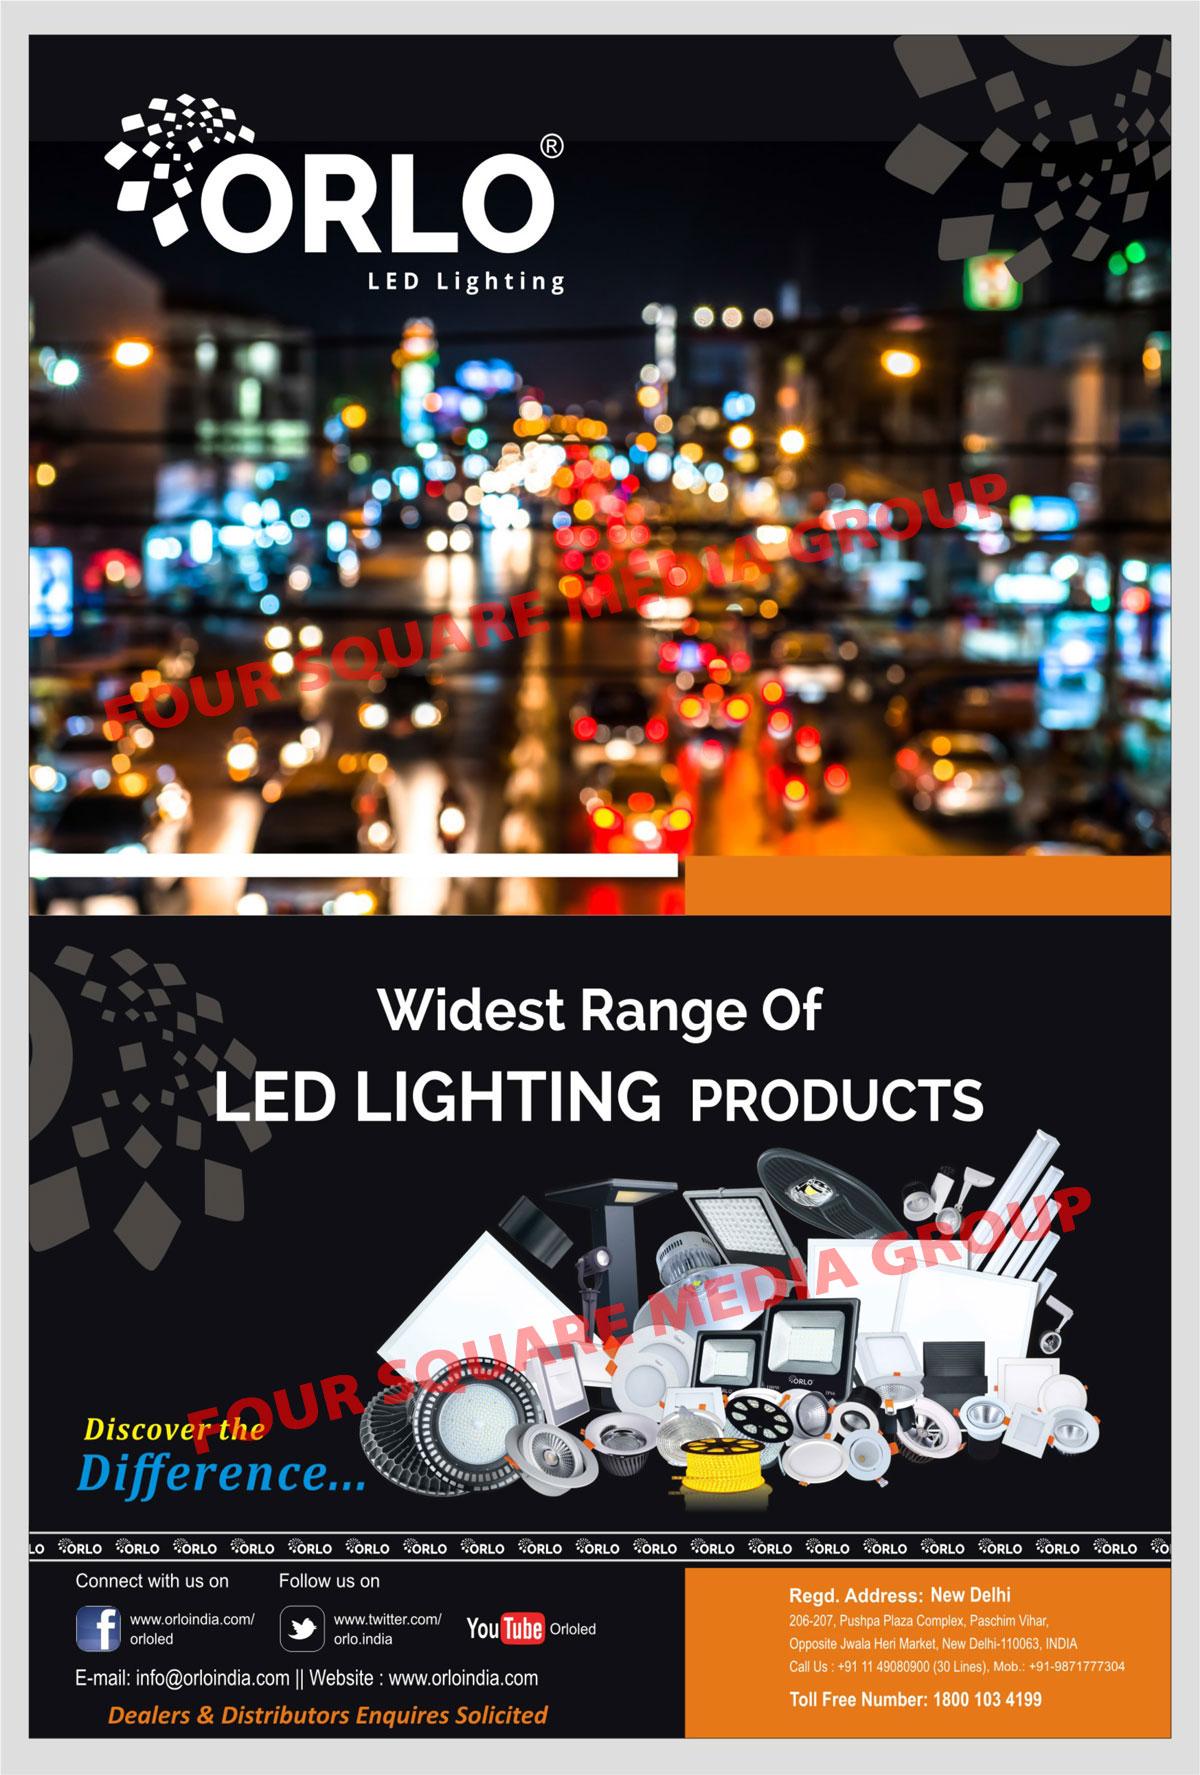 Led Lights, Indoor Lights, Outdoor Lights, Down Lights, Panel Lights, Track Lights, Flood Lights, Street Lights, Garden Lights, Outdoor Wall Lights, Bollard Lights